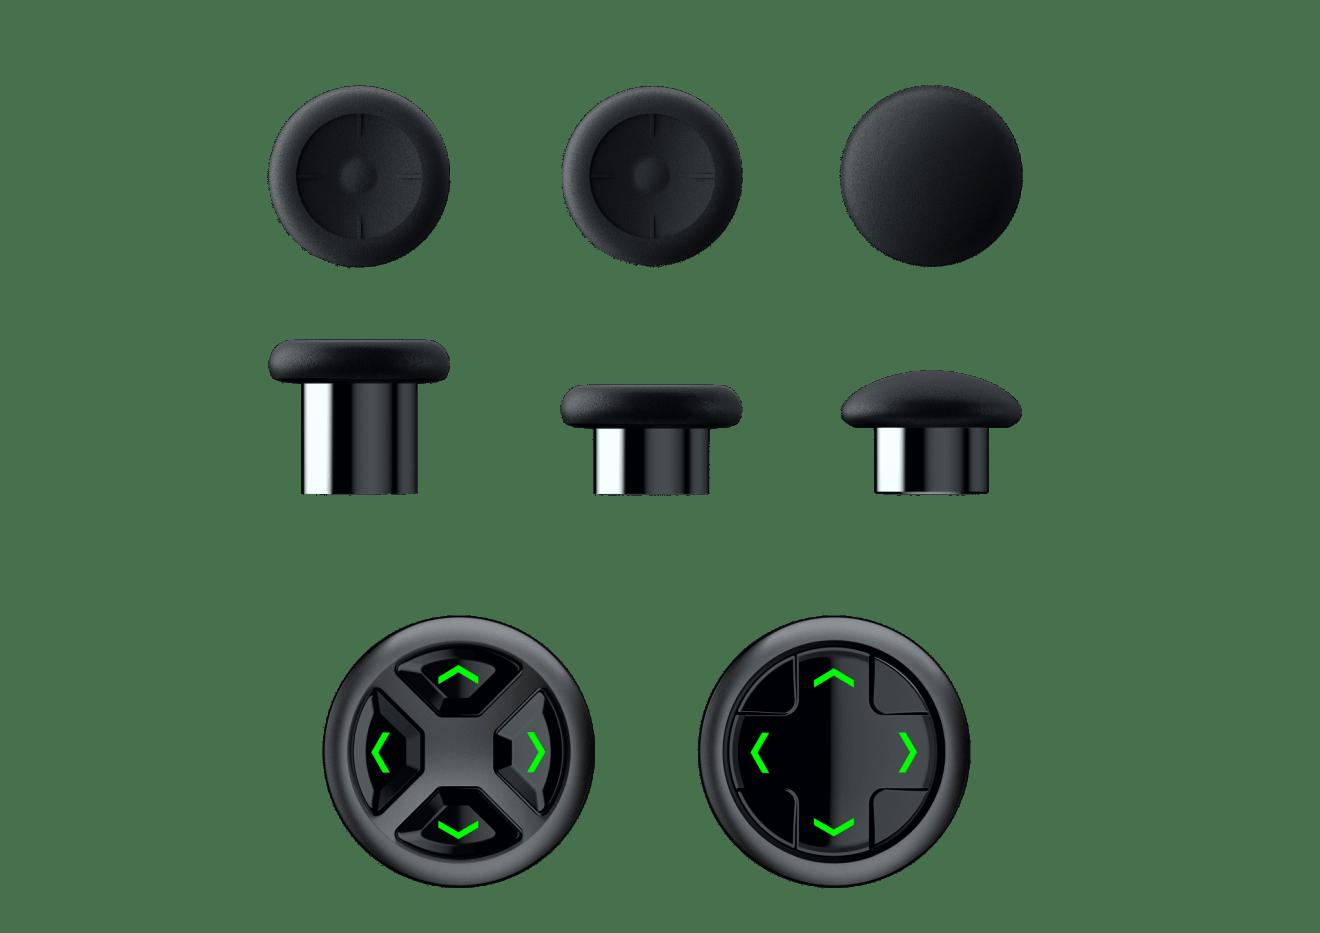 Rzr WolverineUlt V06 - Este é o controle mais personalizável do mercado para Xbox e PC